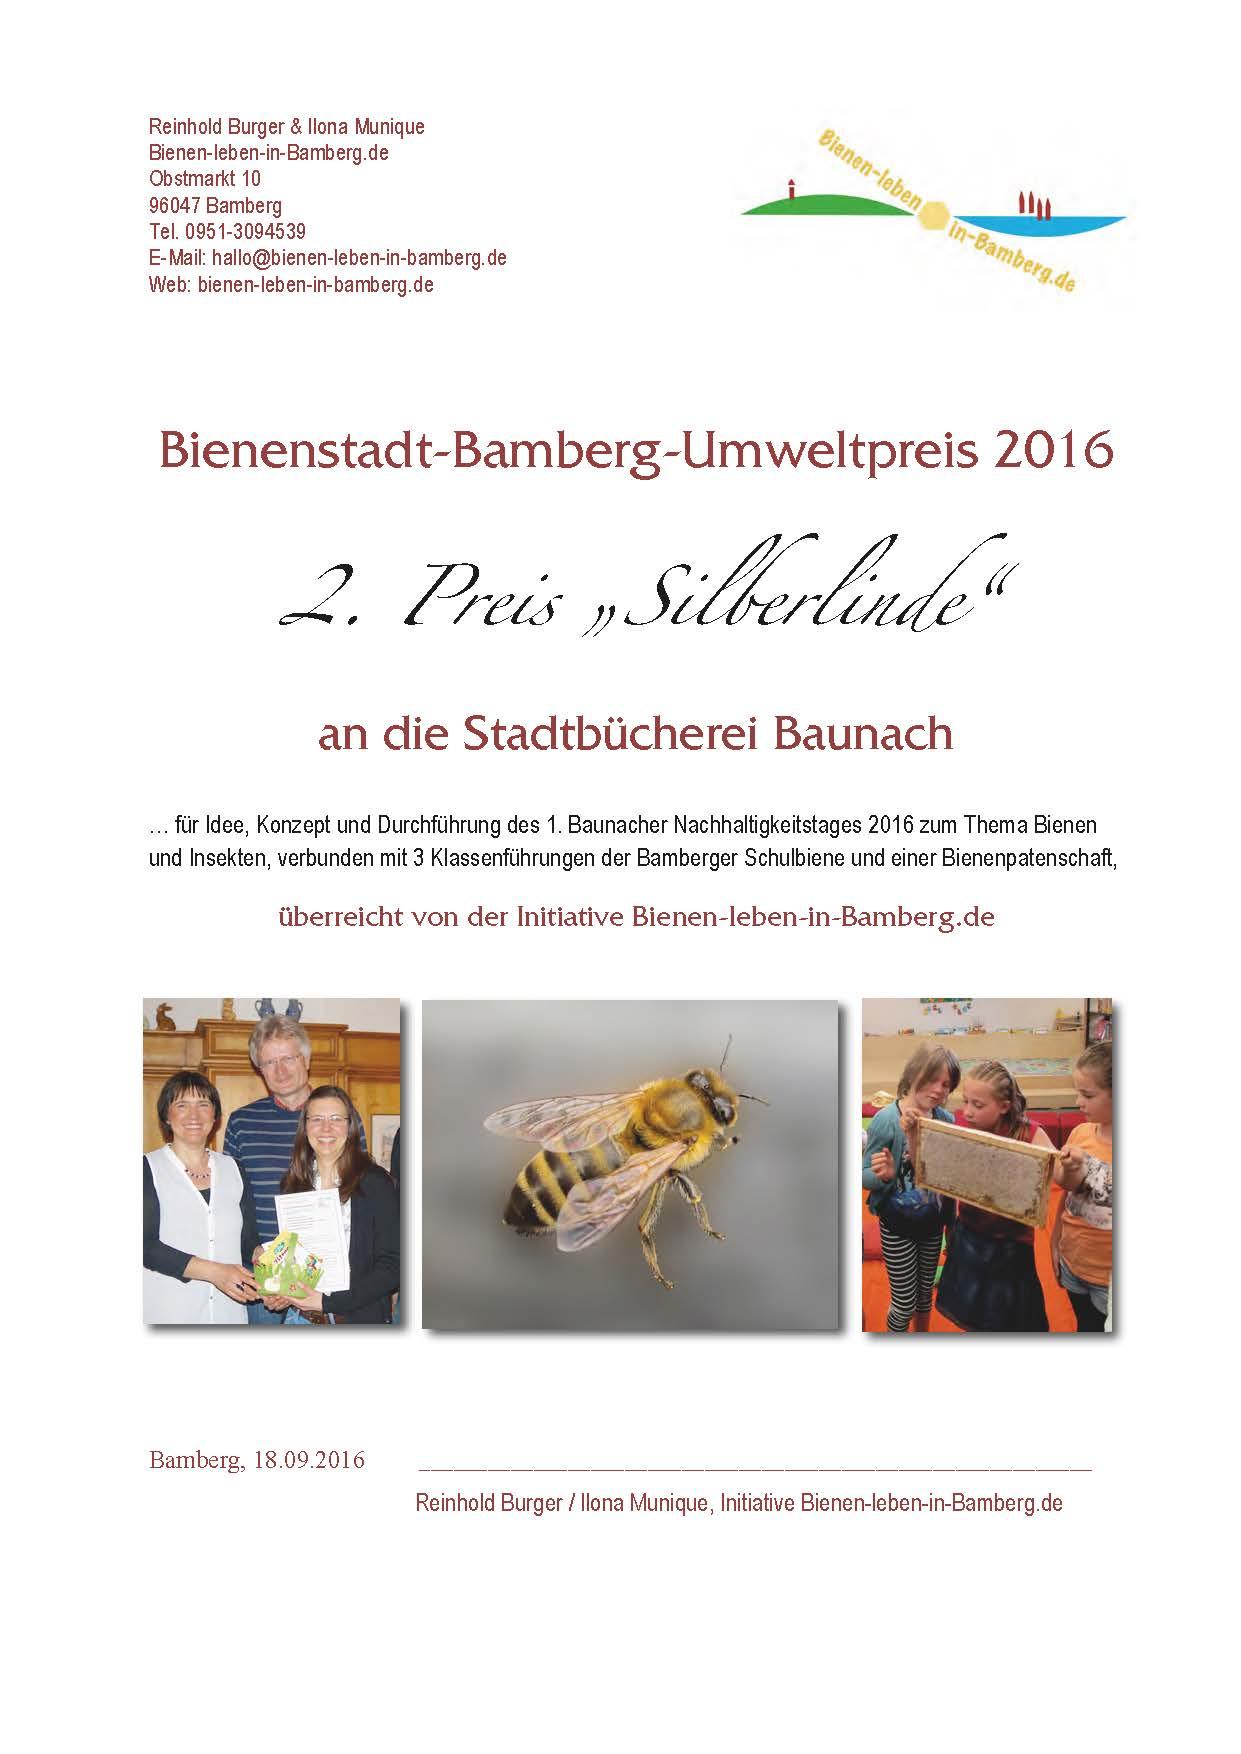 2. Preis Bienenstadt-Bamberg-Umweltpreis 2016 von Bienen-leben-in-Bamberg.de